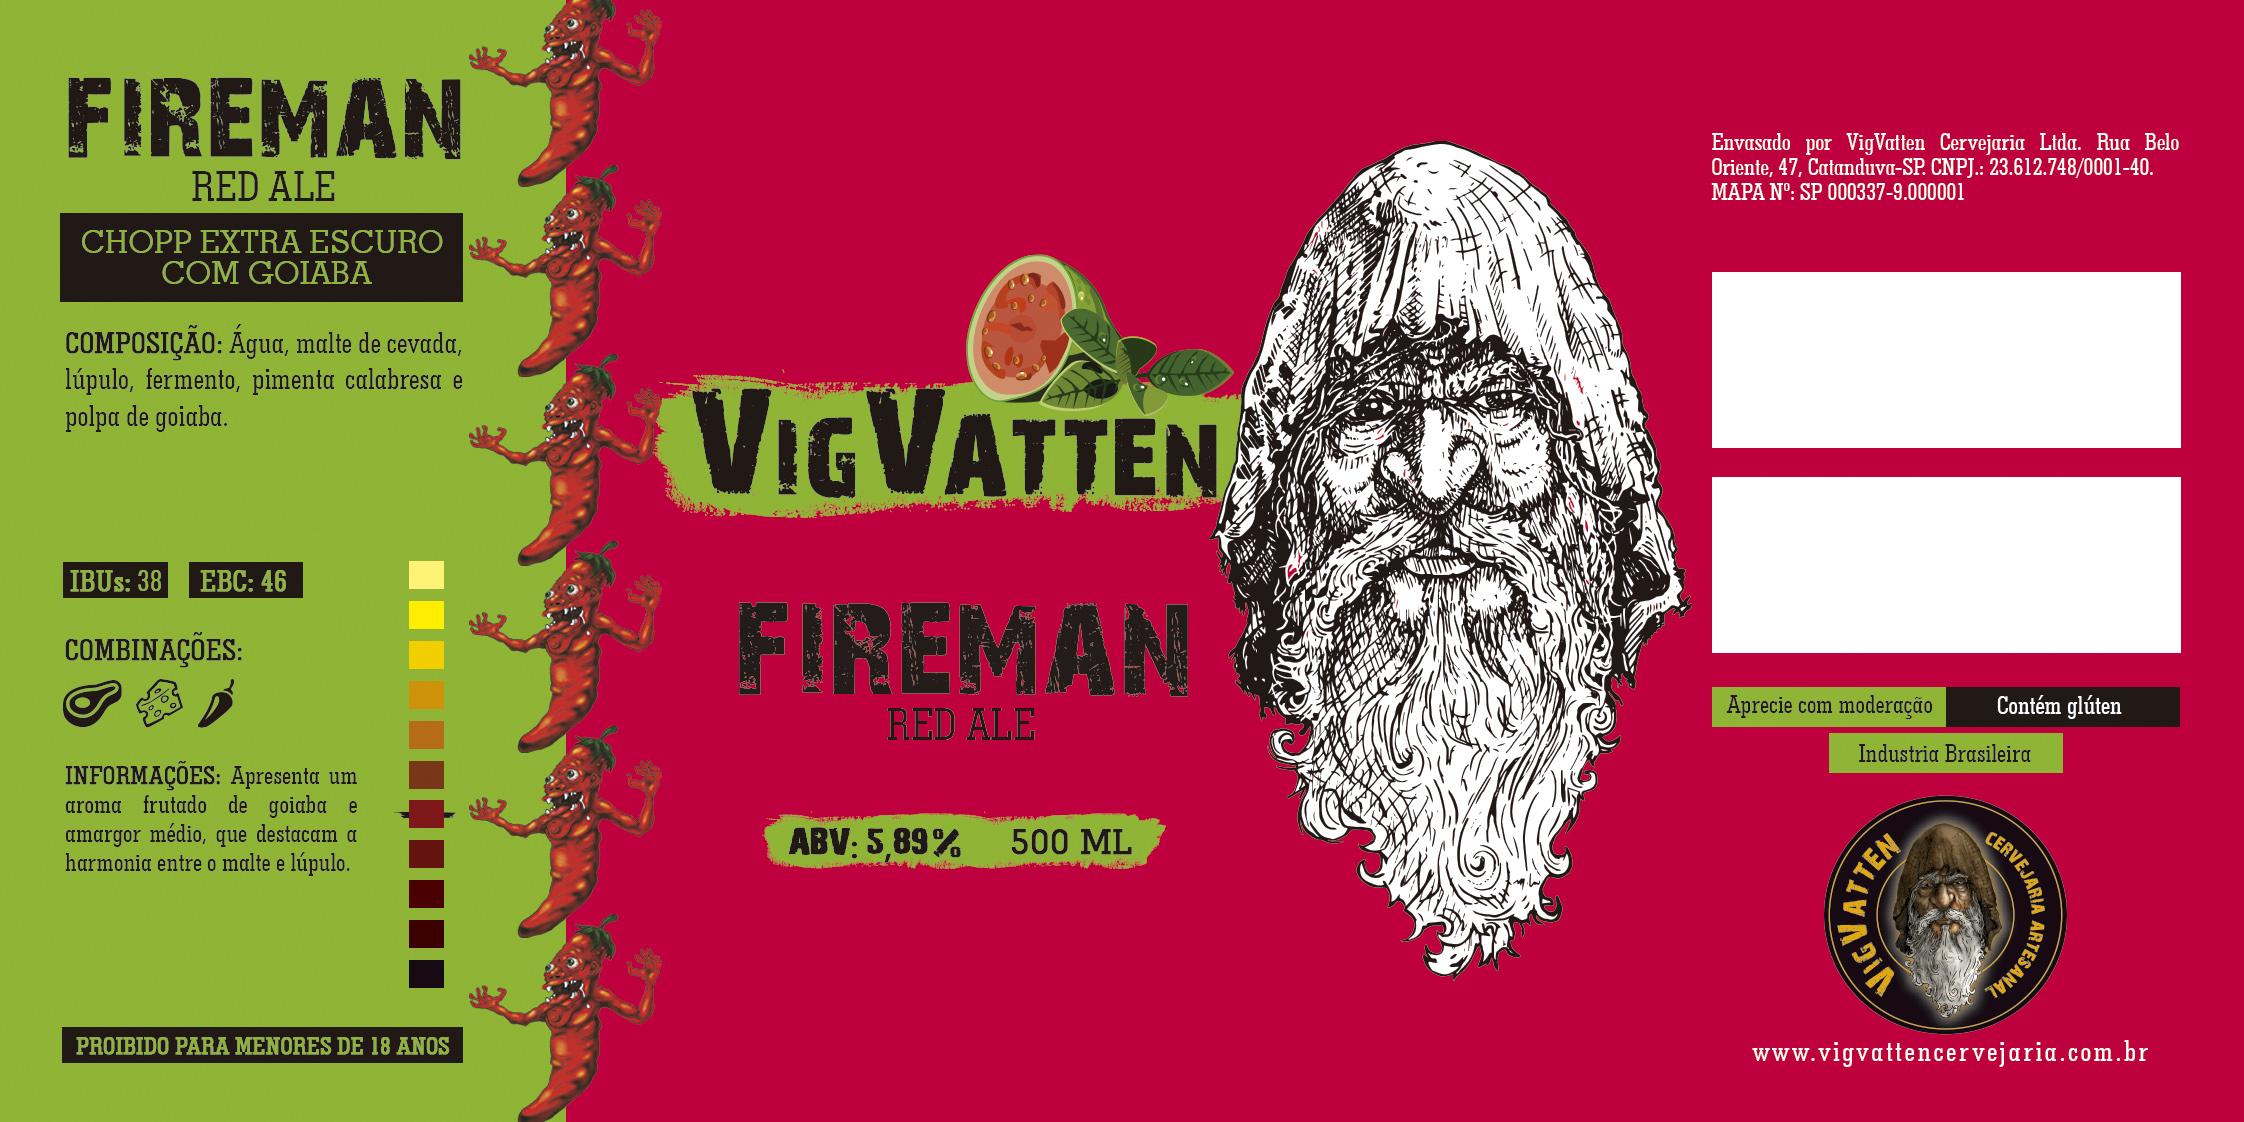 VigVatten-Fireman